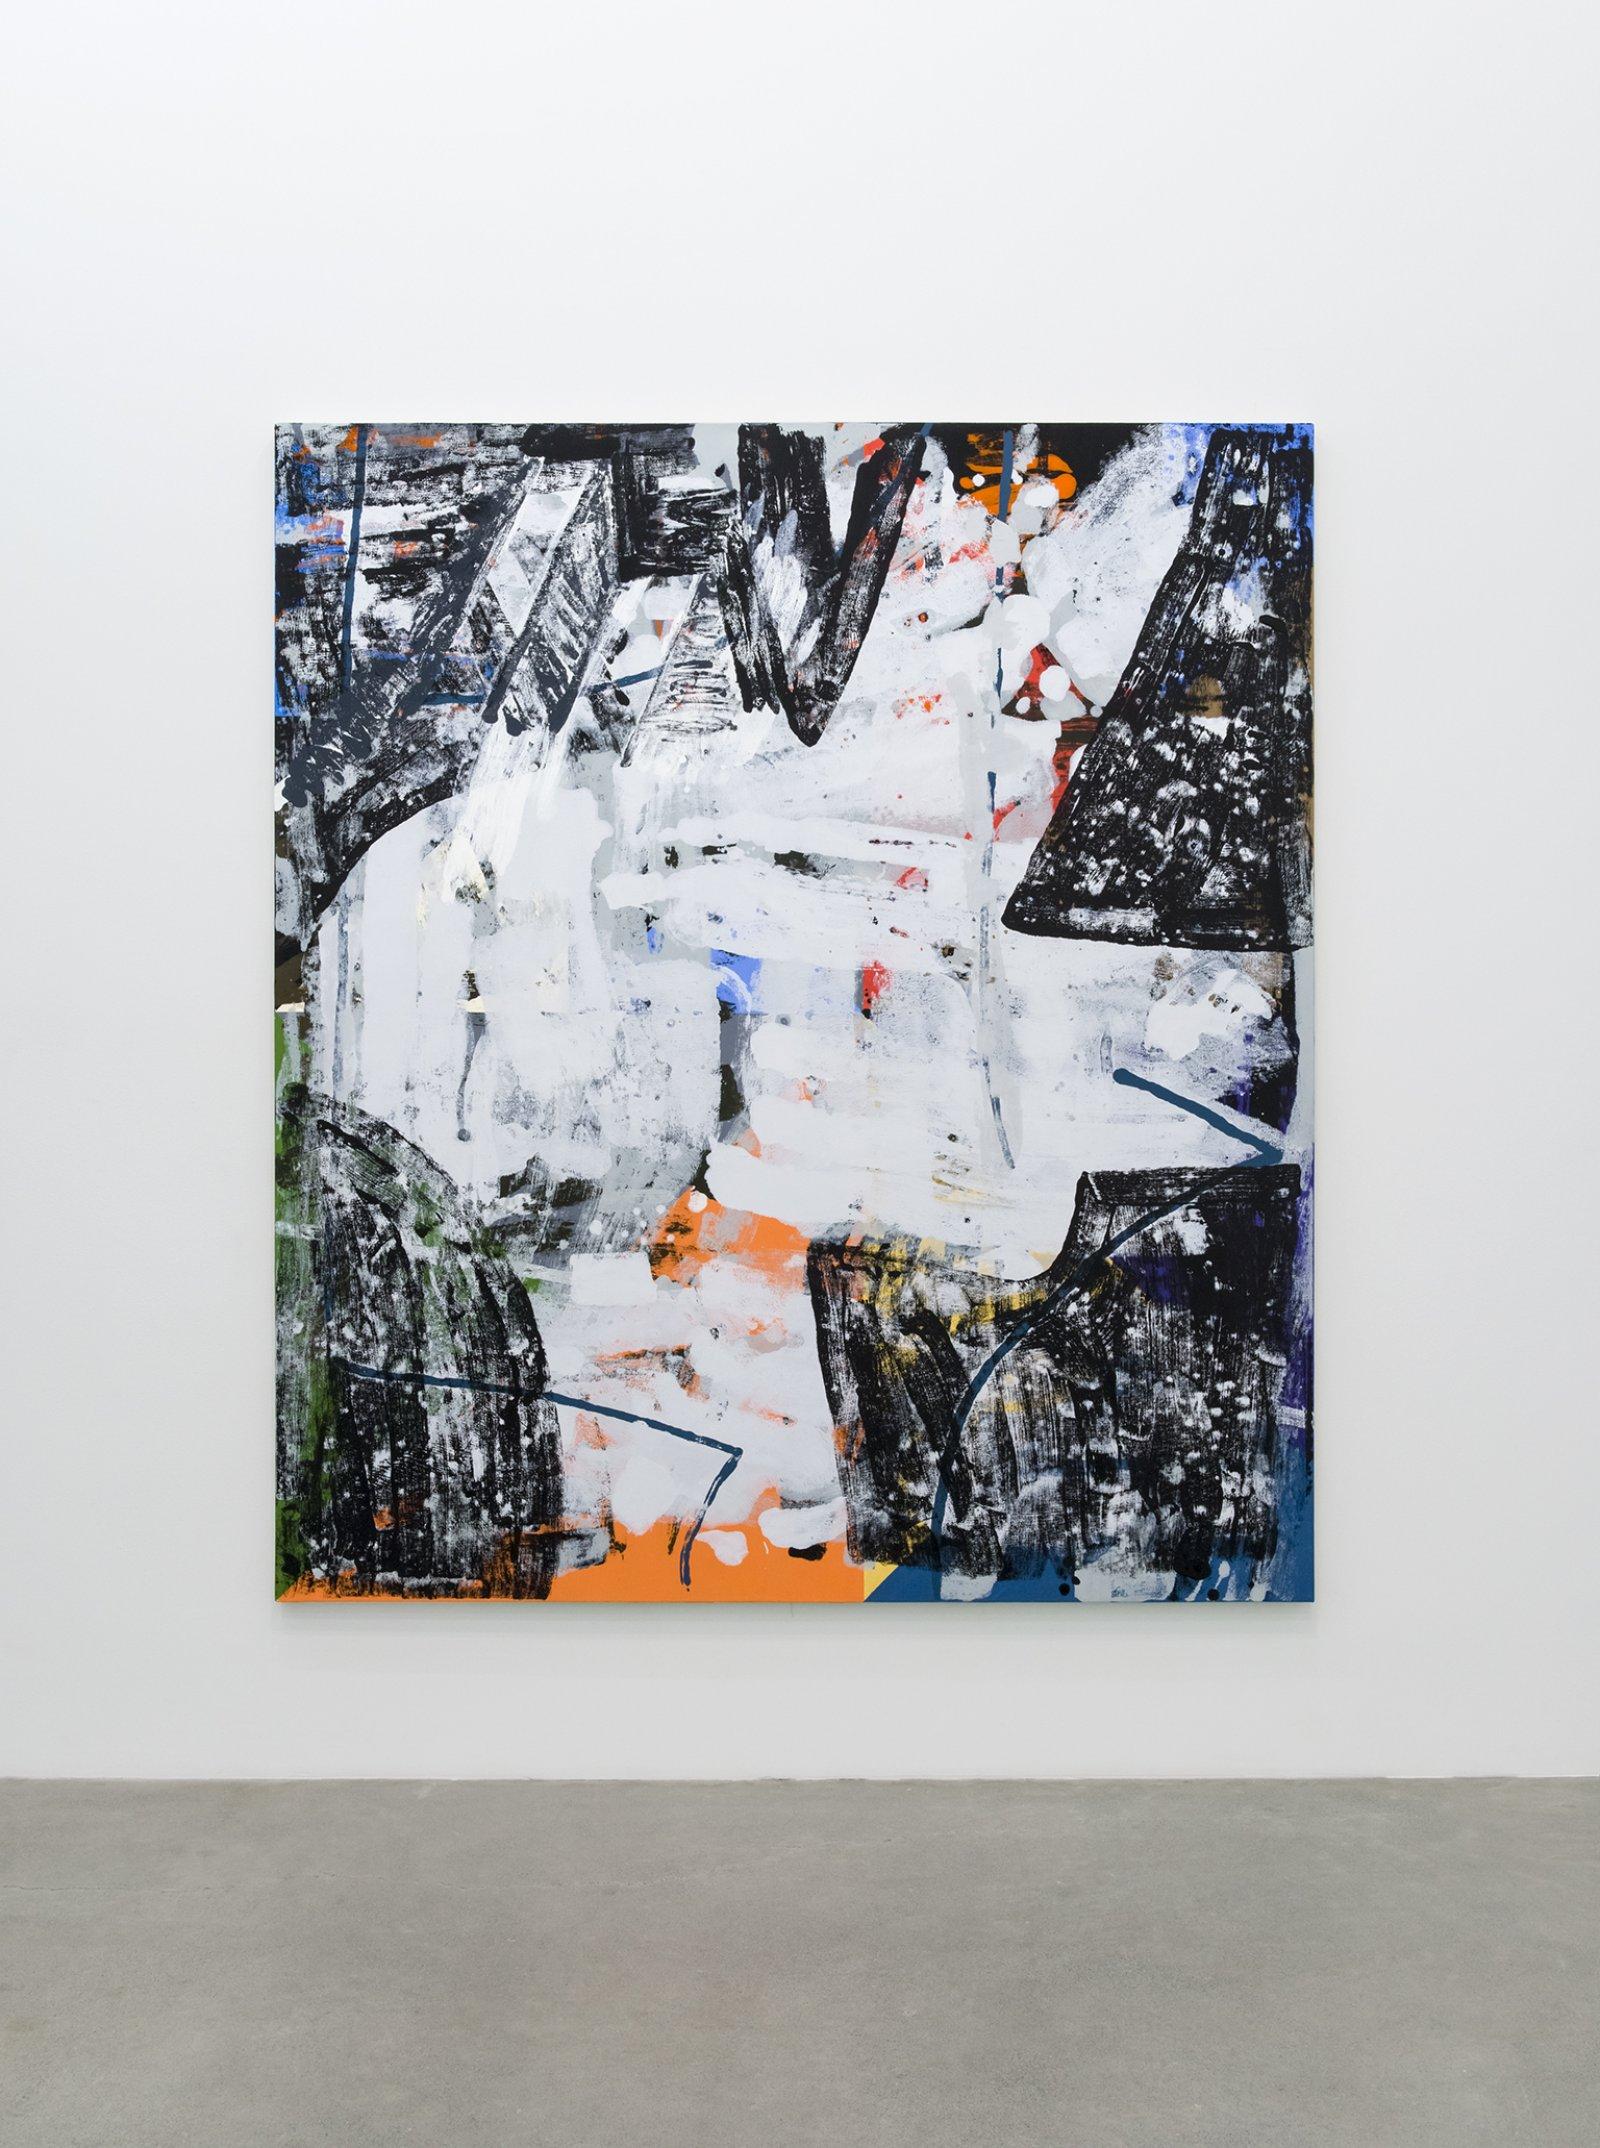 Damian Moppett, X, 2016, oil on canvas, 84 x 74 in. (213 x 188 cm) by Damian Moppett